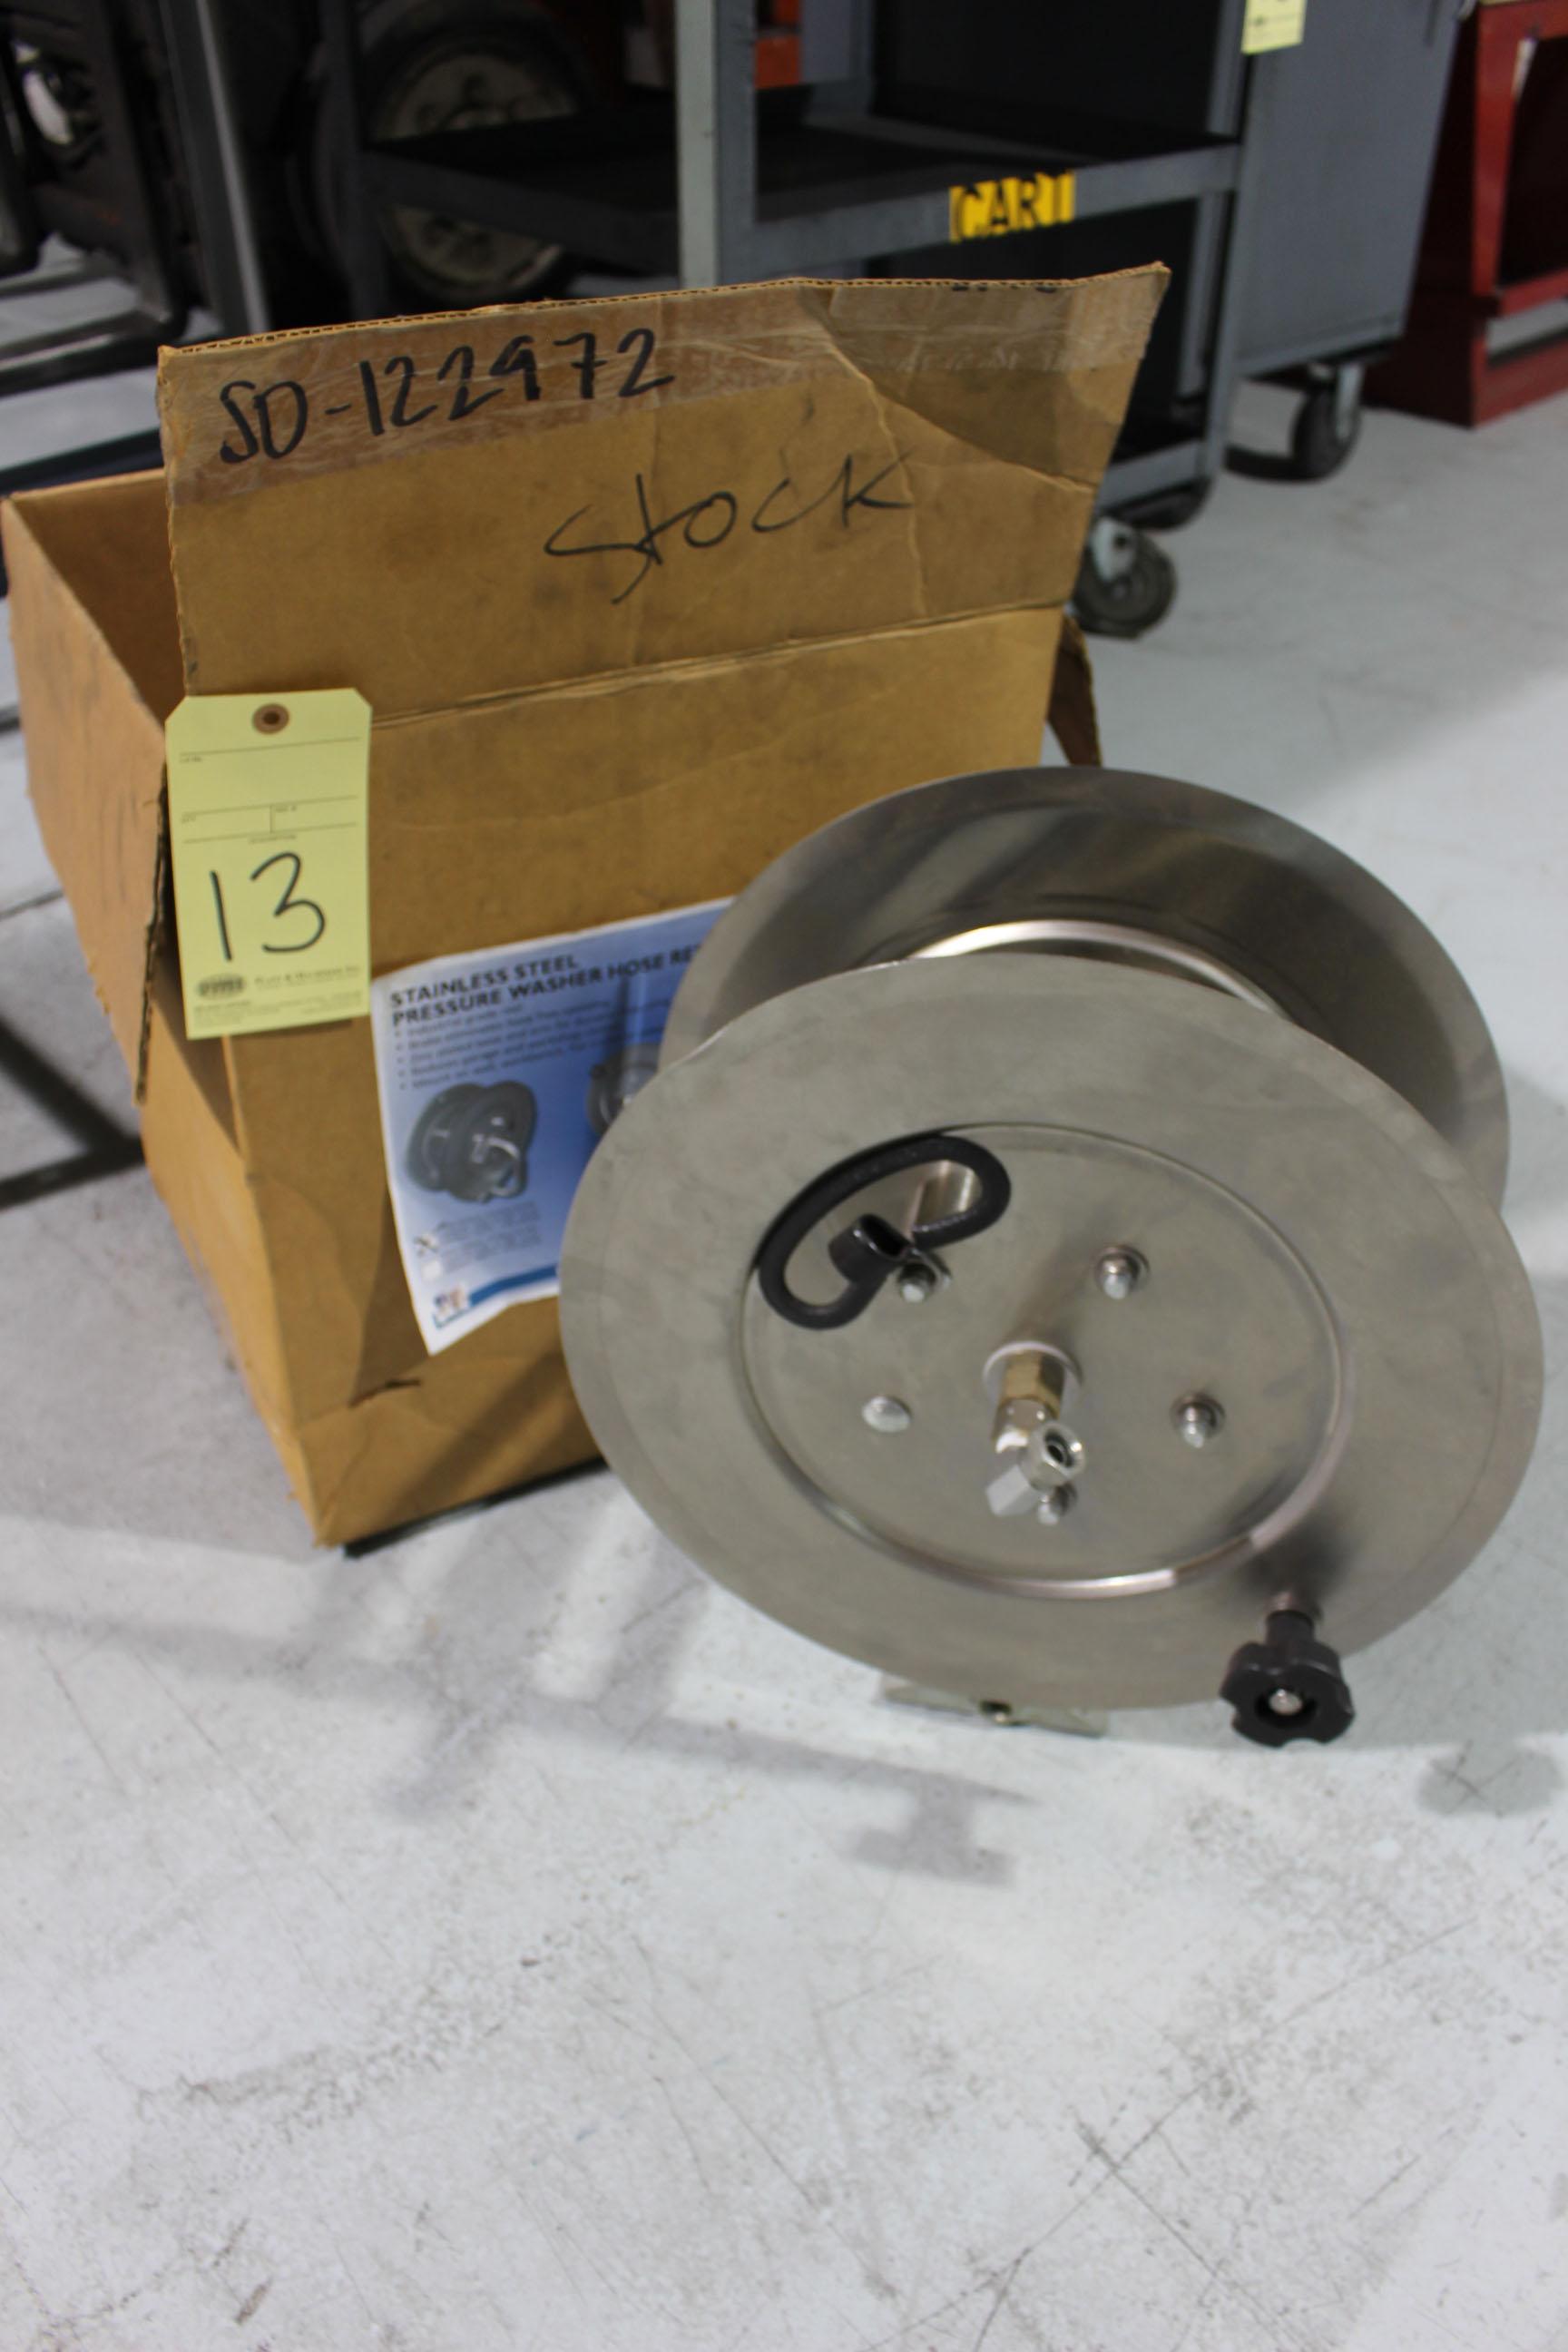 Lot 13 - PRESSURE WASHER HOSE REEL, HYDROTEK, stainless steel